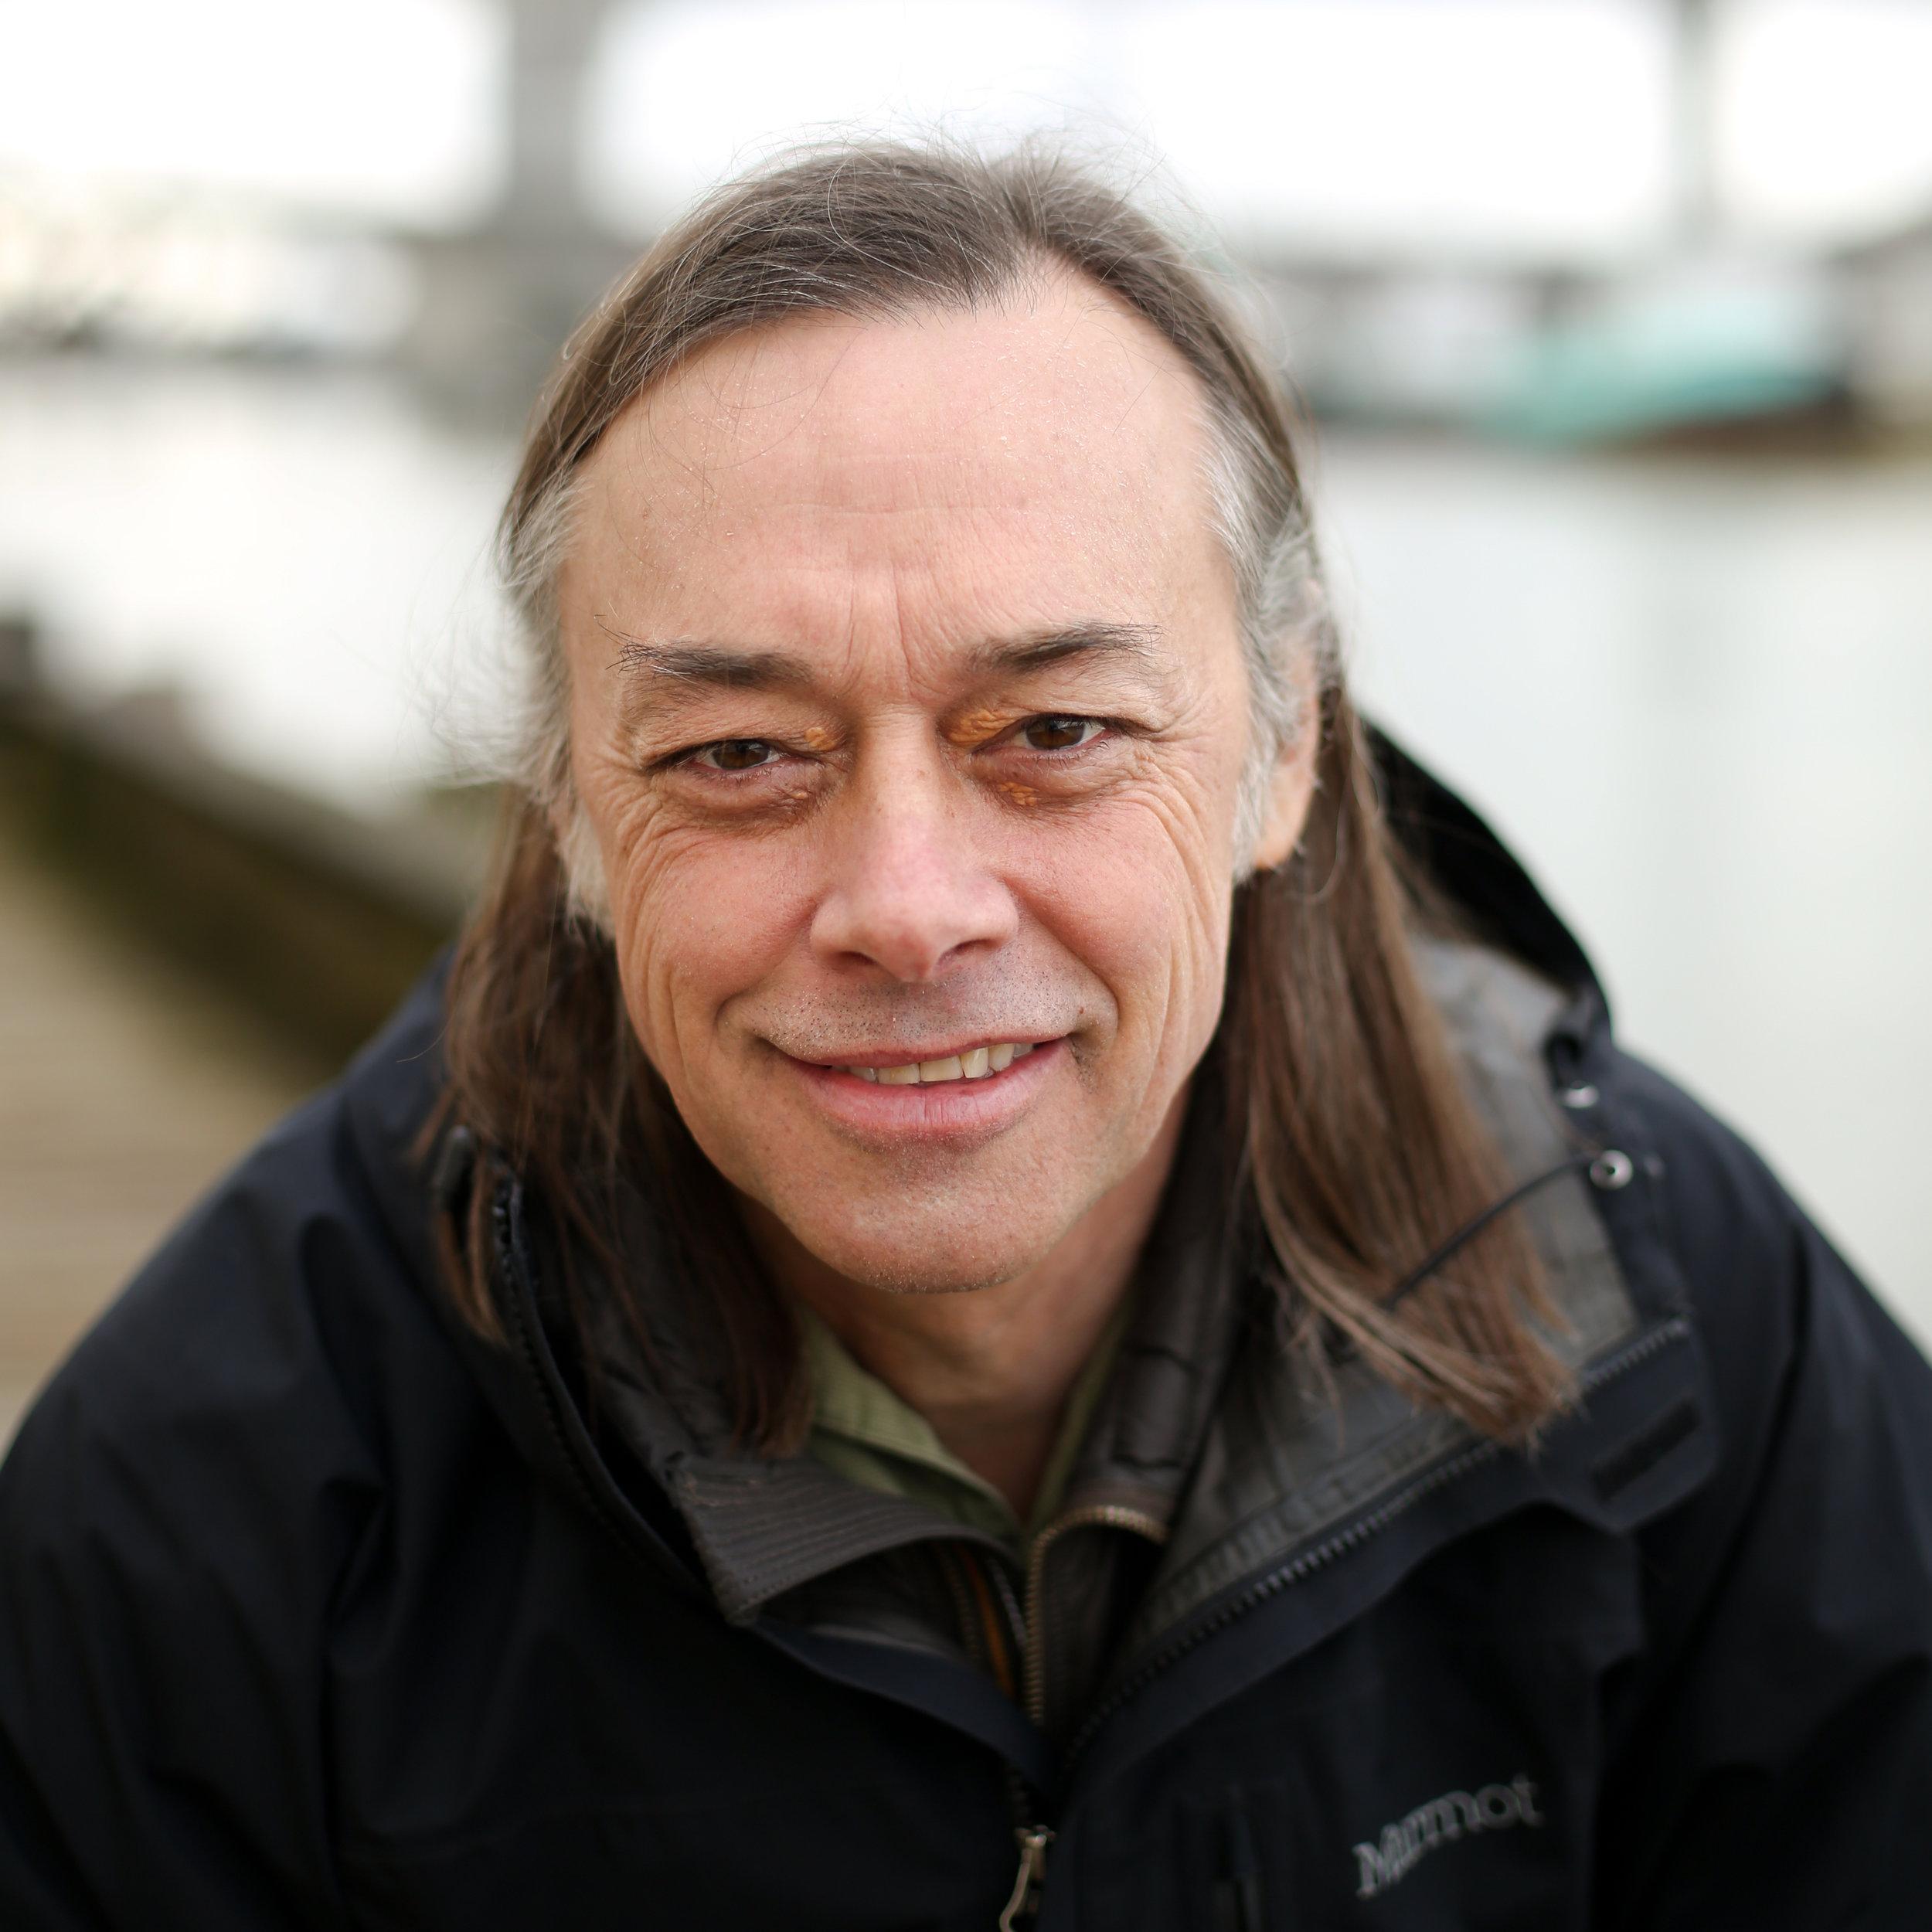 Rex Hohlbein